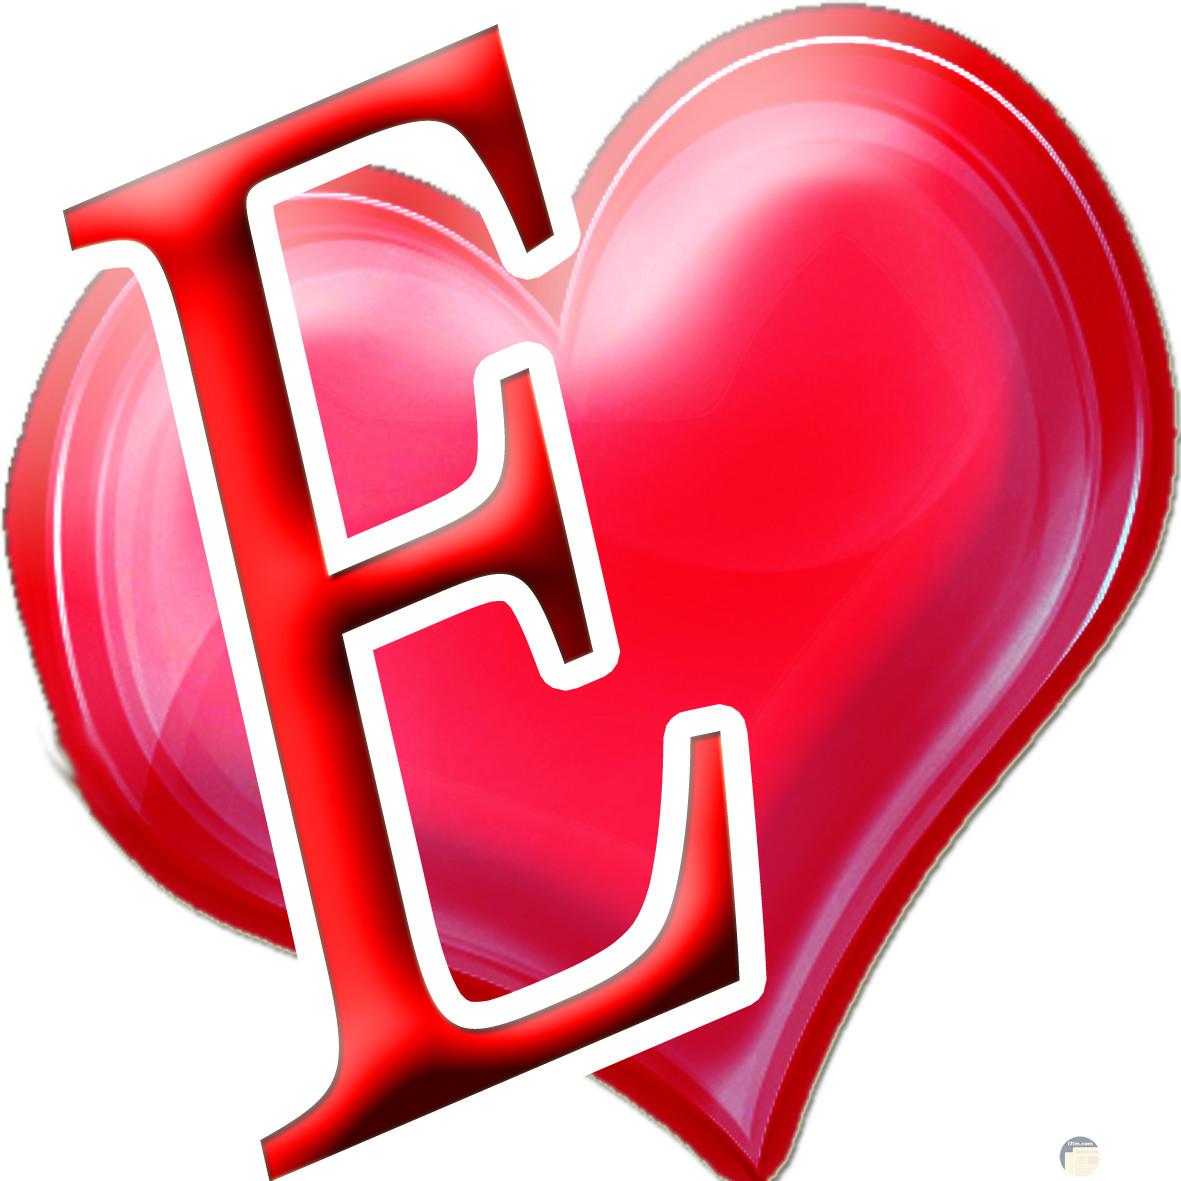 حرفE بداخل قلب احمر